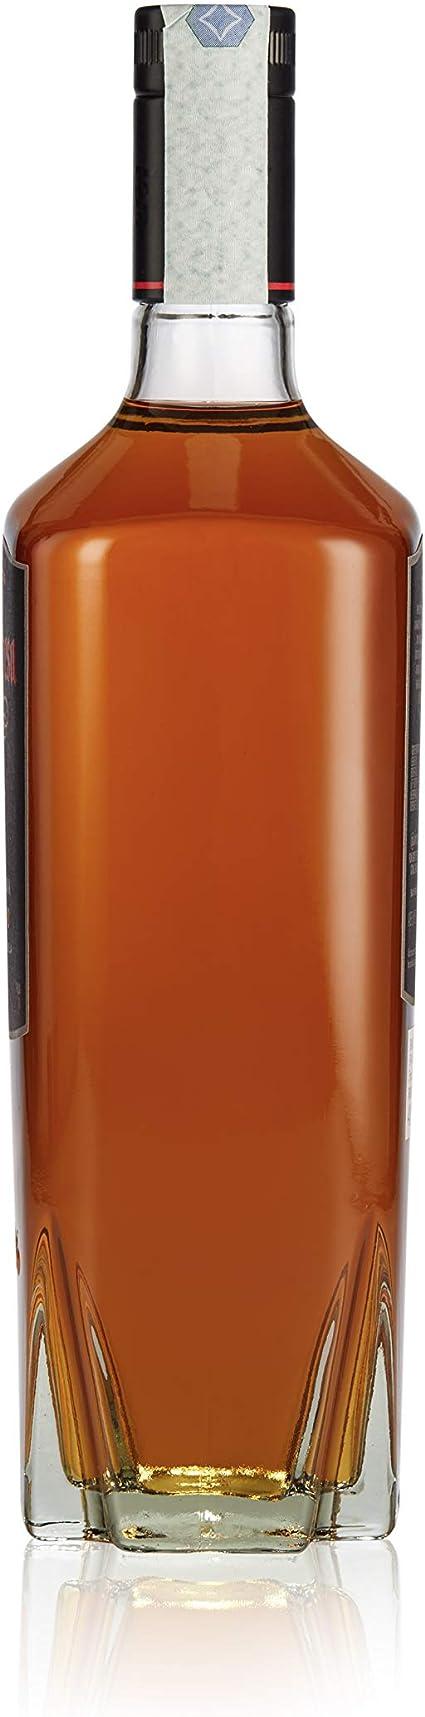 Ron Santa Teresa Gran Reserva 1 litro